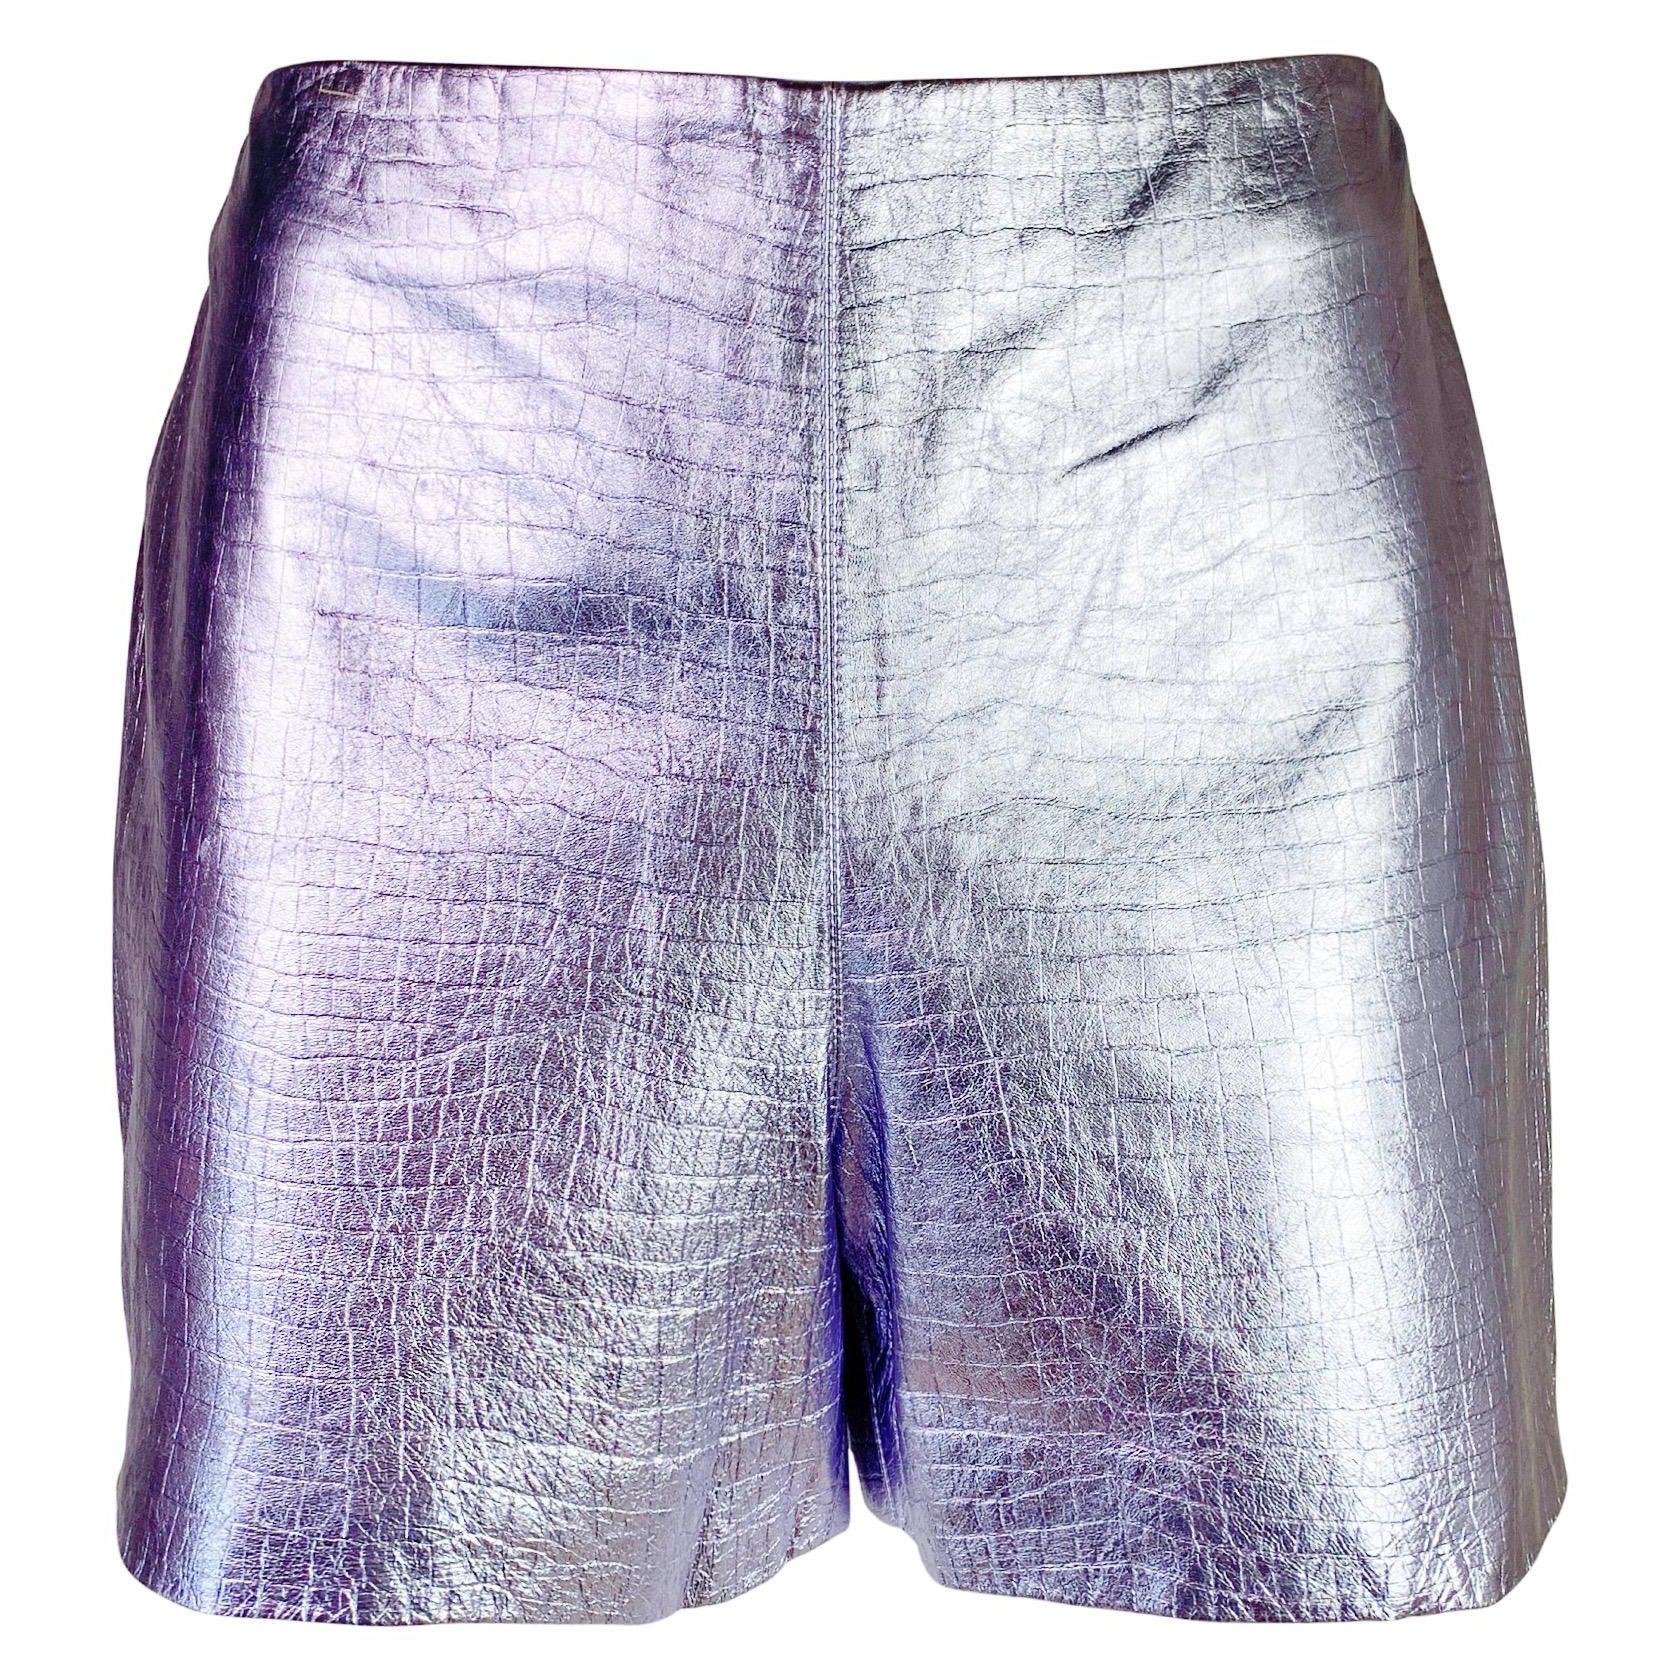 Gianni Versace Fall 1994 Metallic Leather Mini Shorts